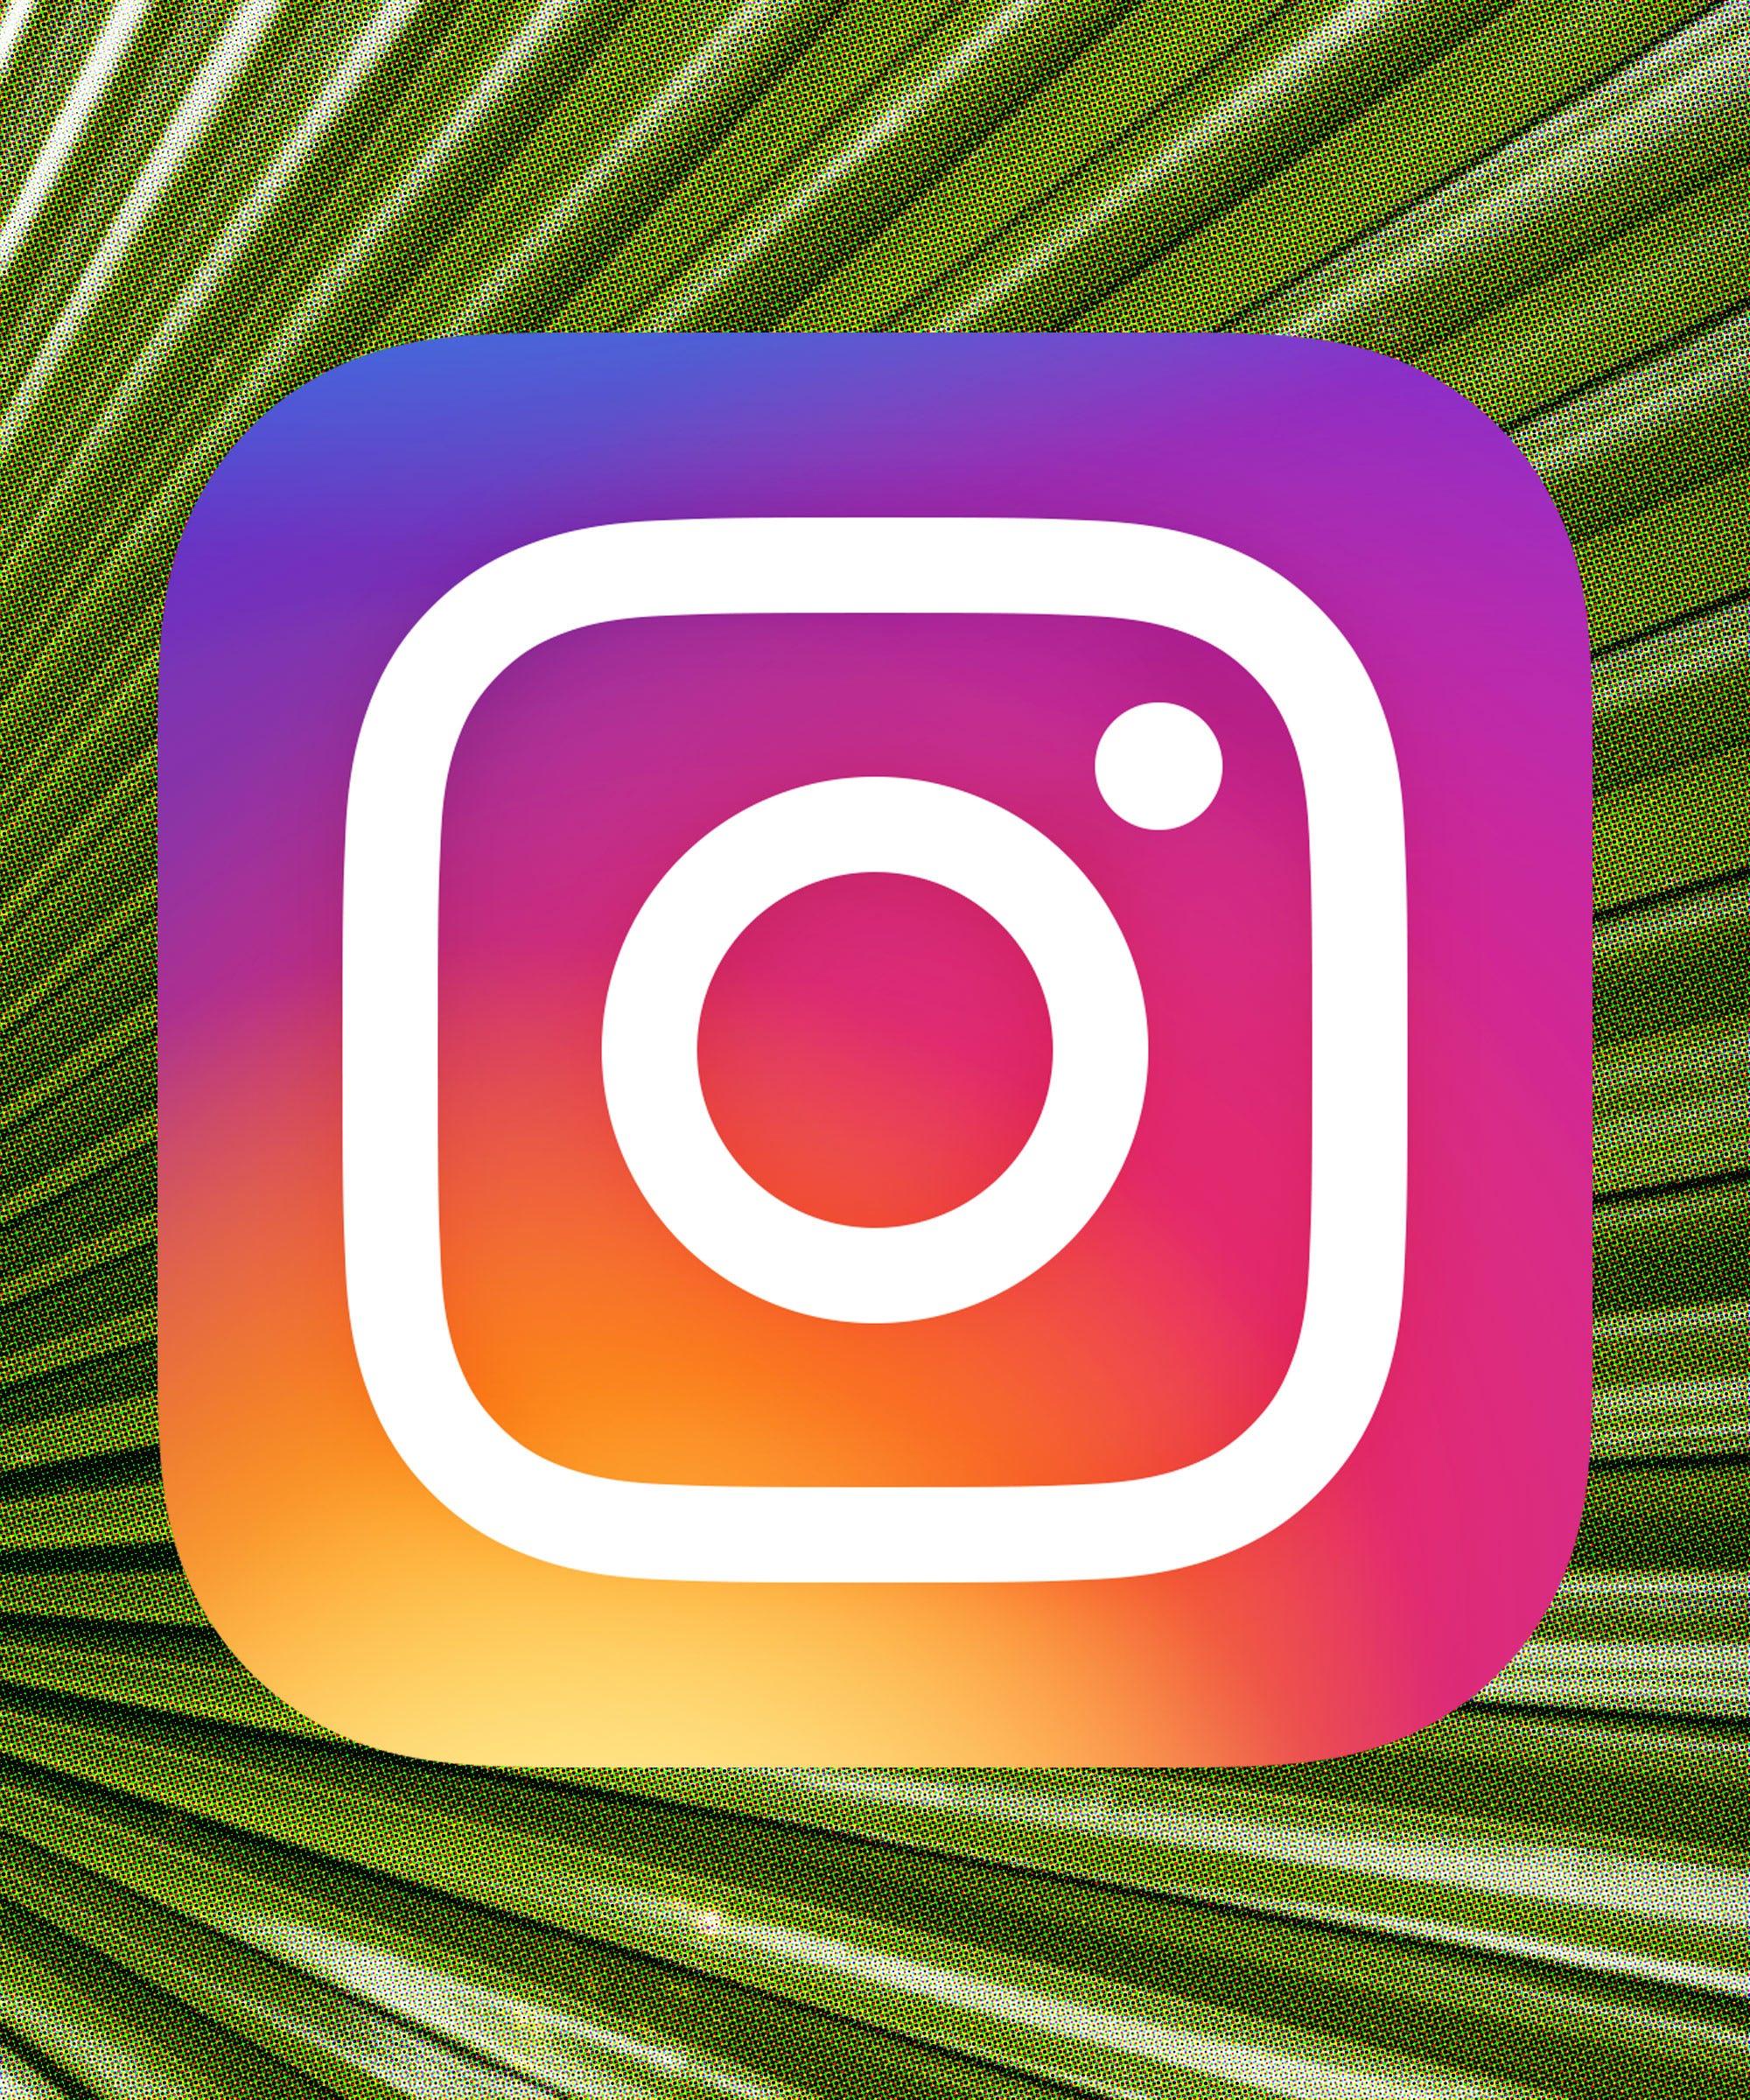 Finde heraus, welche deiner Instagram-Posts 2017 die meisten Likes hatten